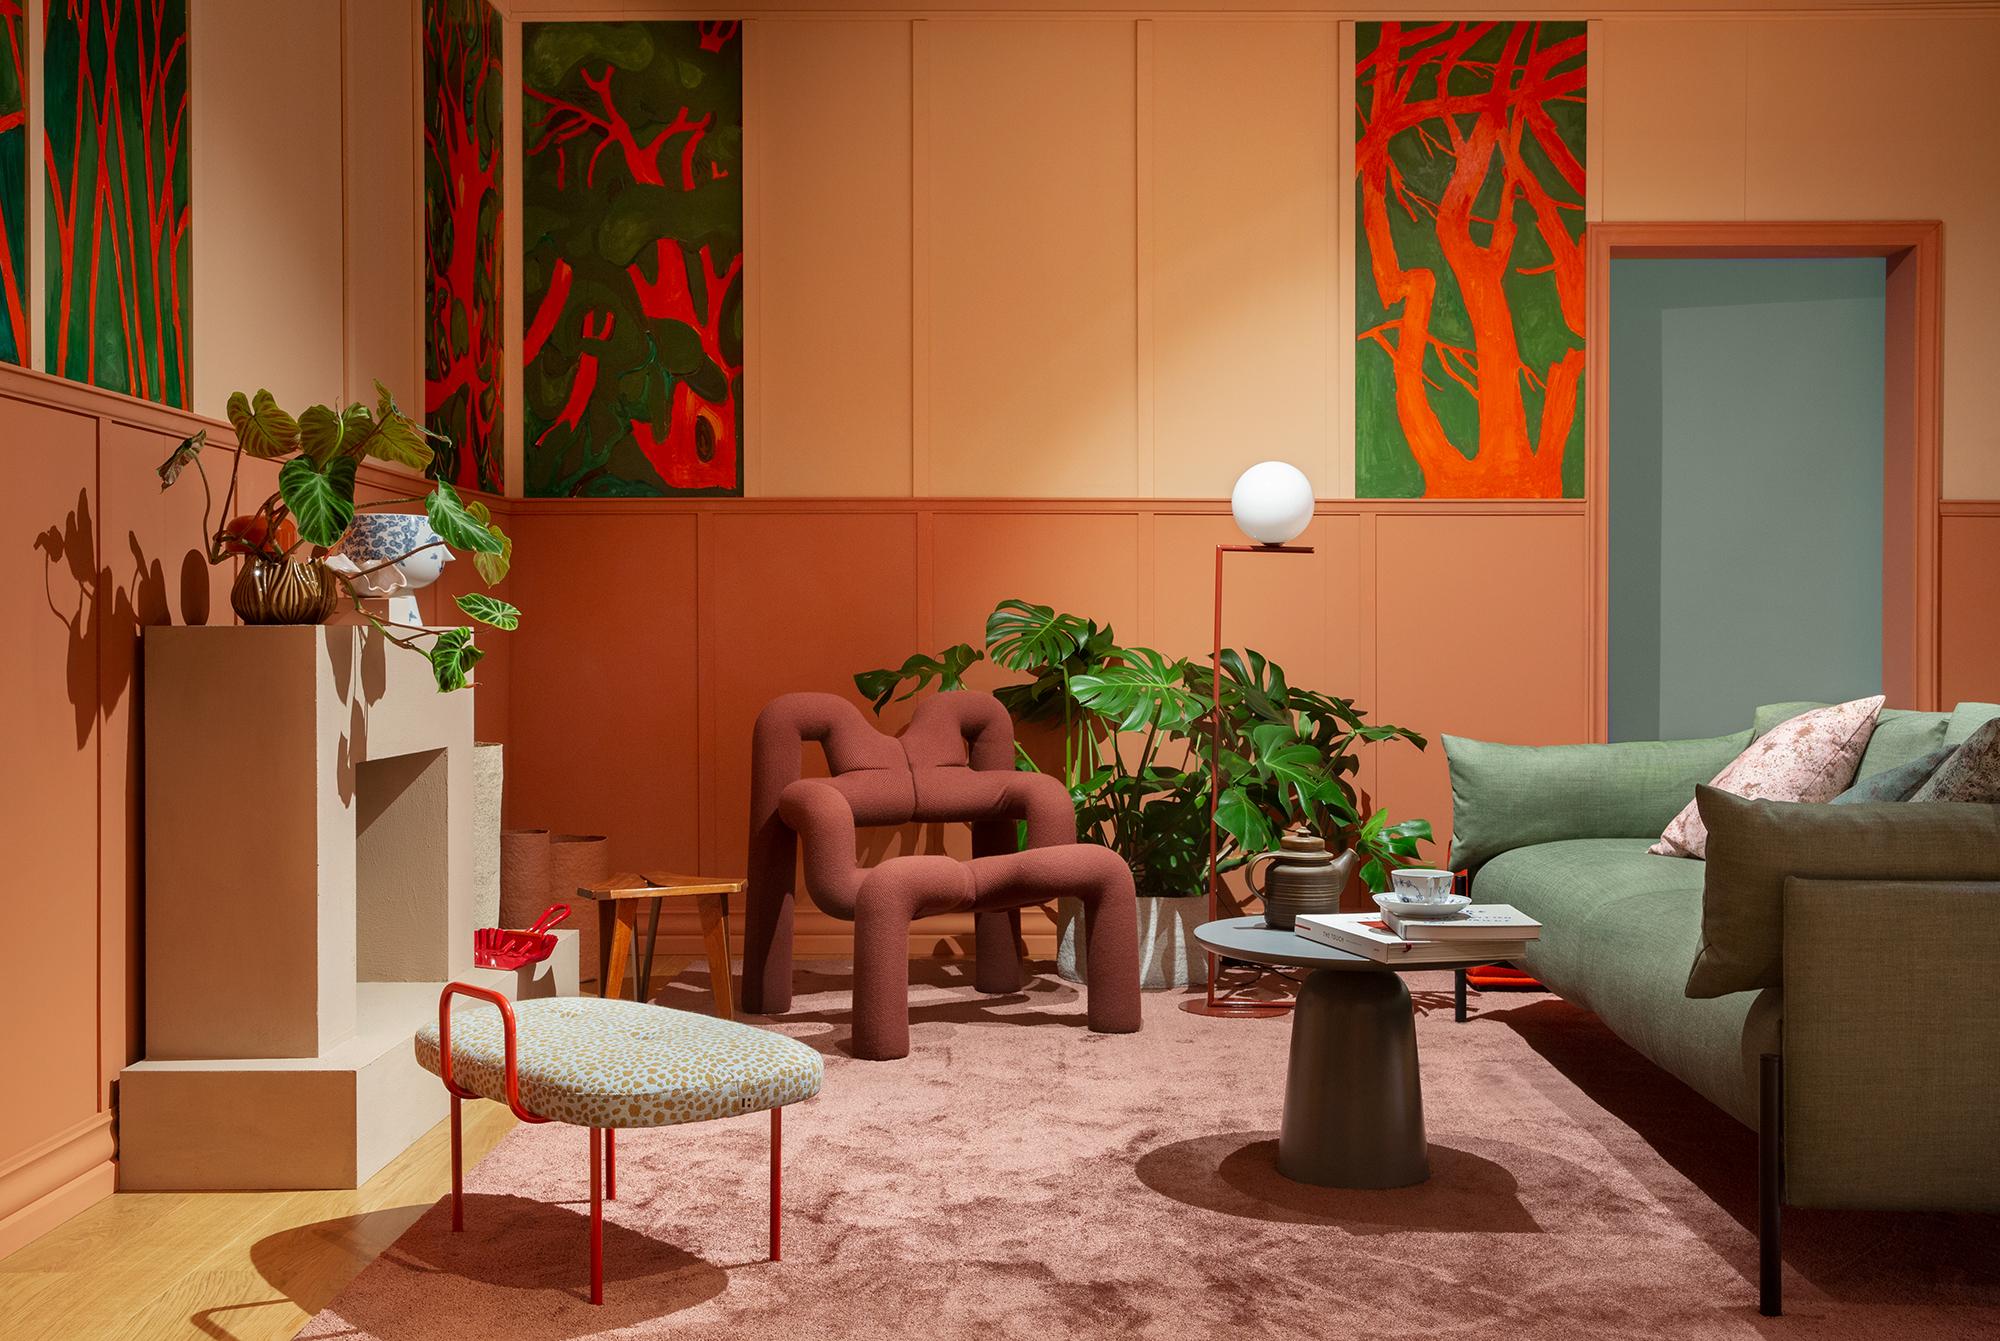 Tendensutstillingen. Stue. Design Vera & Kyte, billedkunst Andreas Siqueland og kurator Kirsten Visdal. Foto Inger Marie Grini.